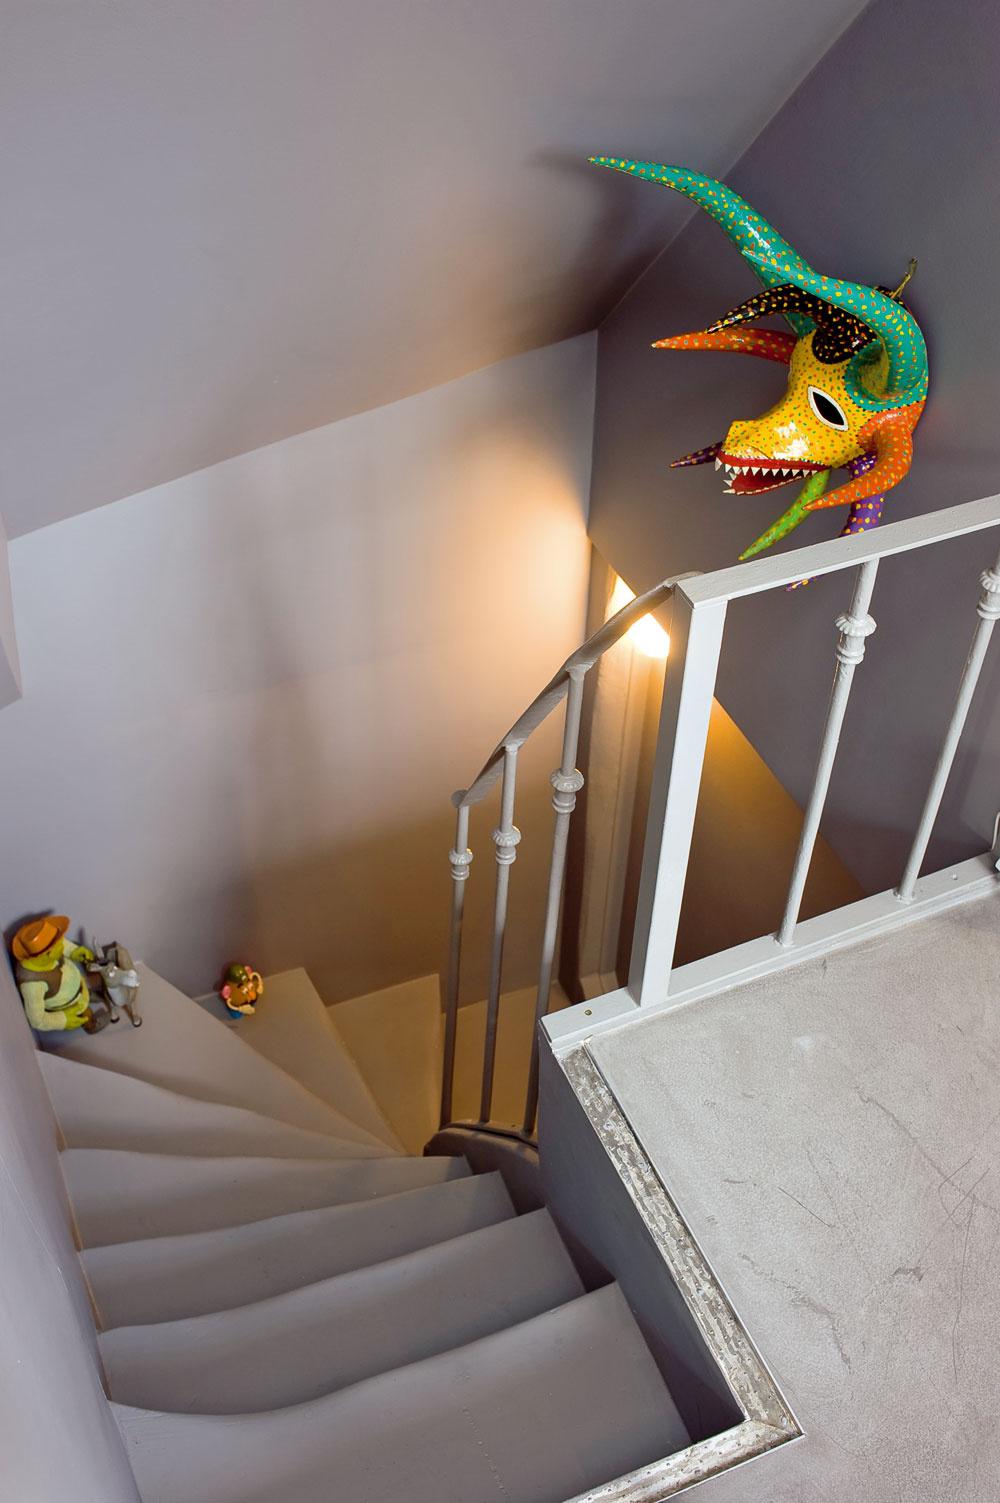 Na neutrálnom sivom schodisku pestrofarebné doplnky len jemne naznačujú, že stúpate do podkrovia plného živých farieb. Privedie vás do pracovne, ktorá vznikla vpriestore na rozhraní dennej anočnej časti bytu. Schodisko lemujú vstavané skrine, na mieru zasadené pod šikminy strechy – vtomto podkroví sa využil naozaj každý kubický centimeter.